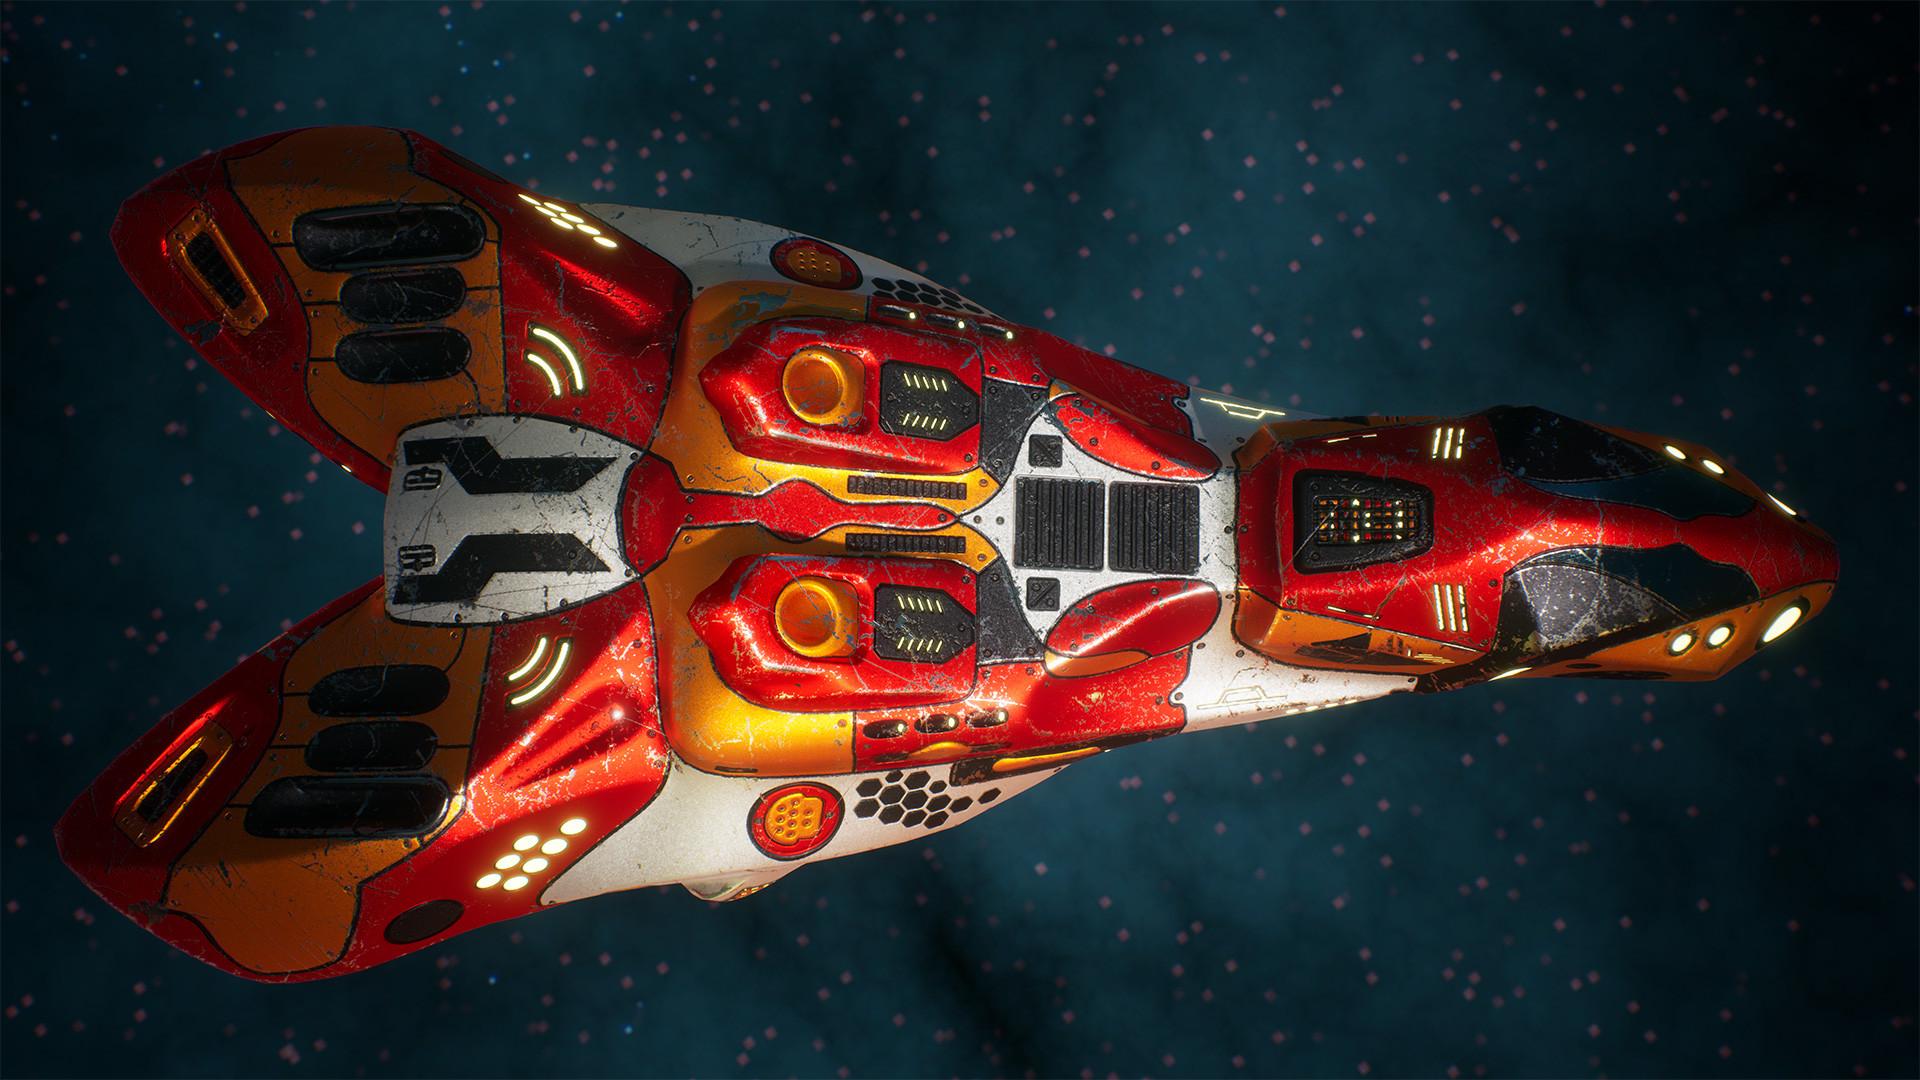 Andrew krivulya spaceship render 08